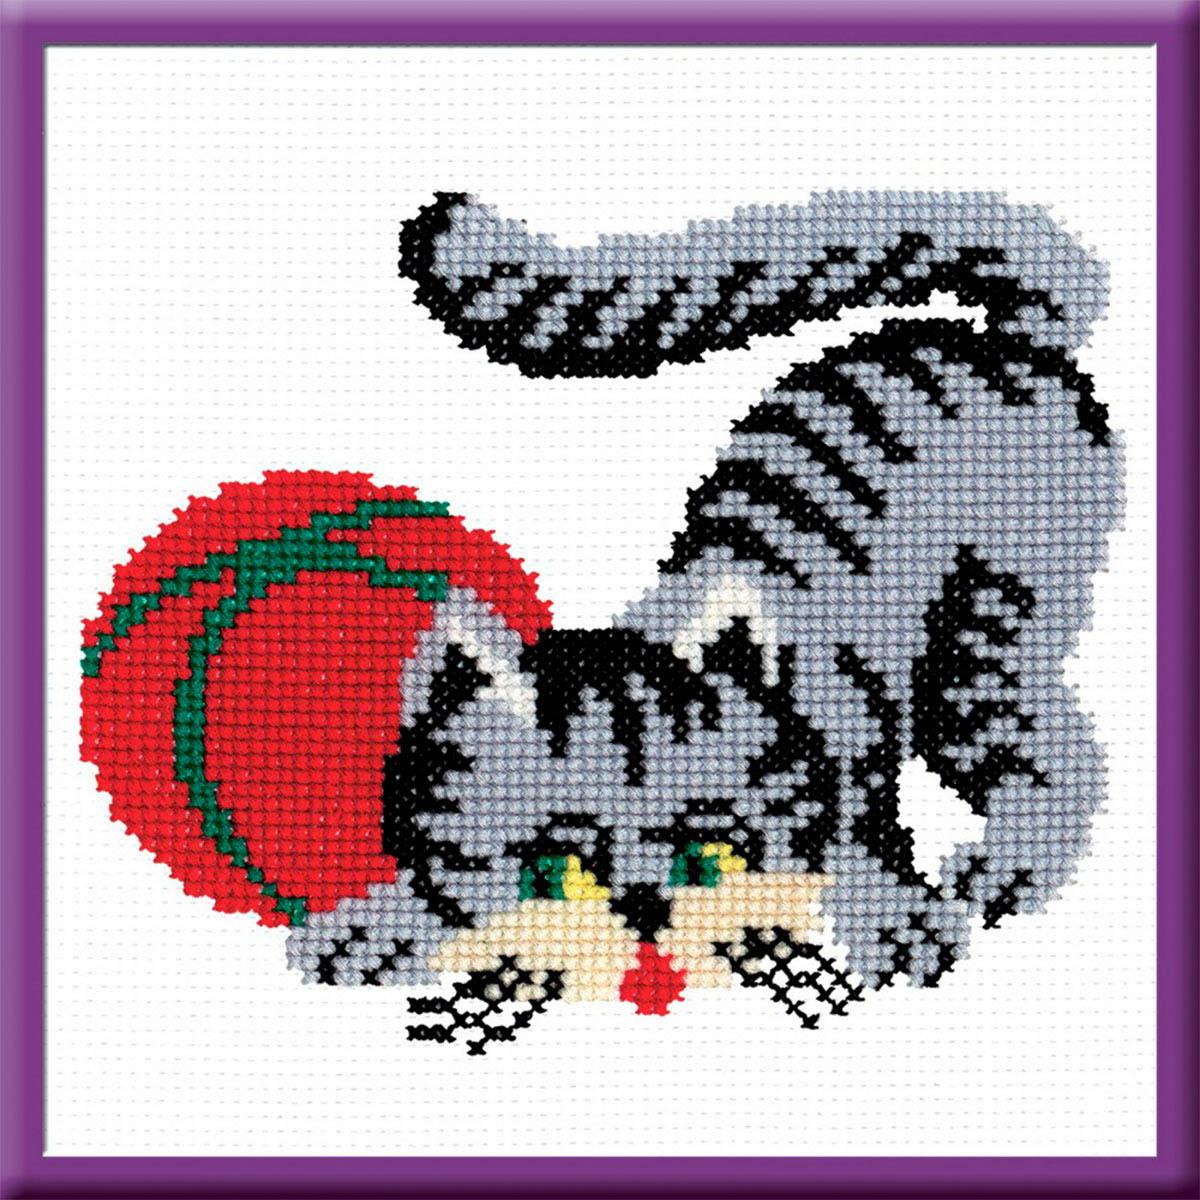 152 Набор для вышивания 'РС-Студия' 'Кошка серая', 15*18 см